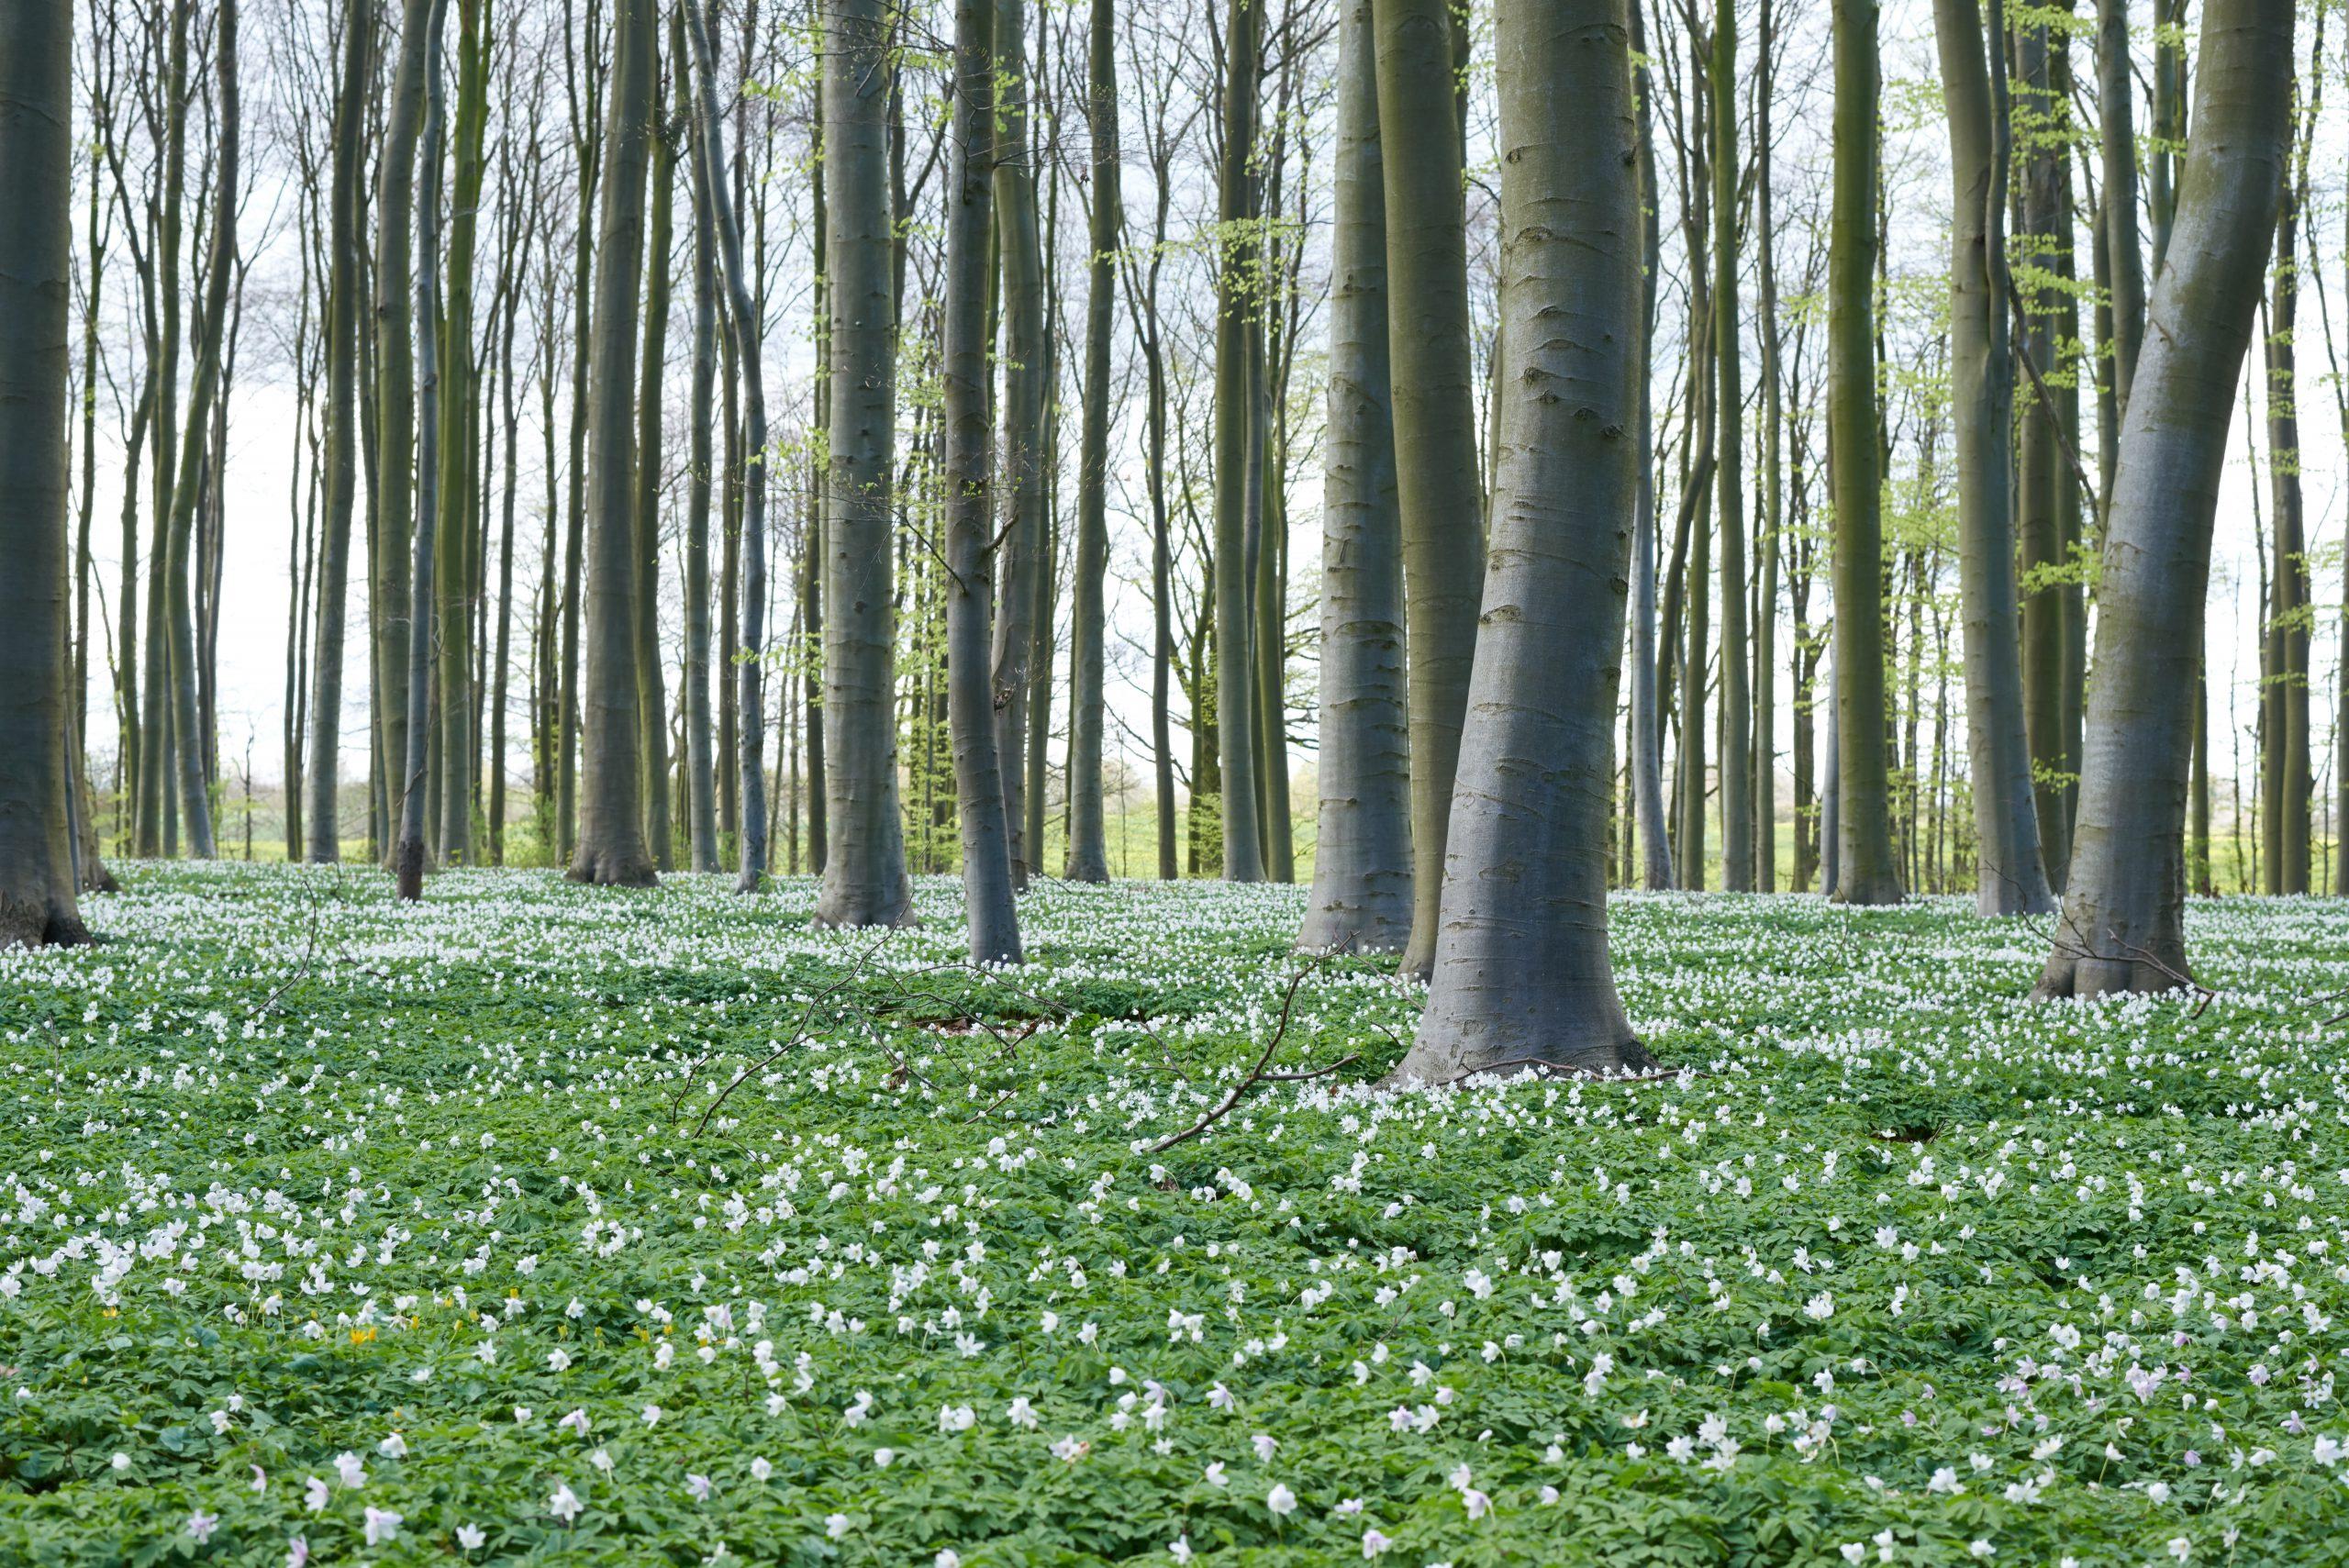 Gut Friederikenhof - der Waldboden erstrahlt voller Anemonen